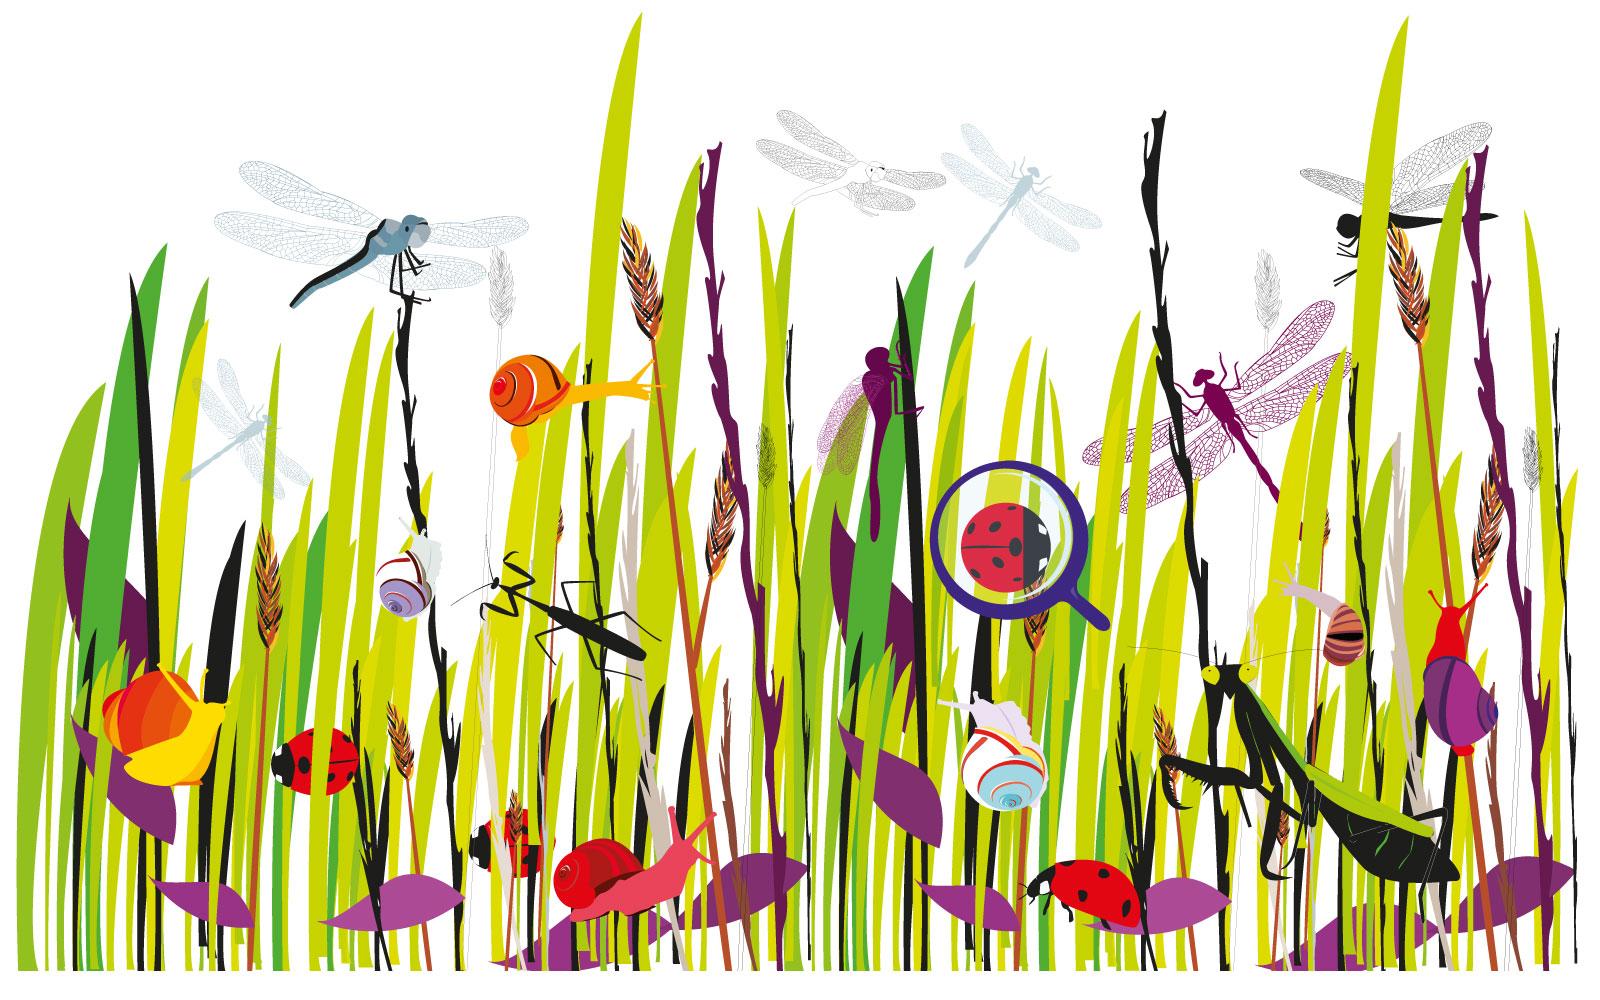 diseño-grafico-en-toledo-ilustracion-anadesign